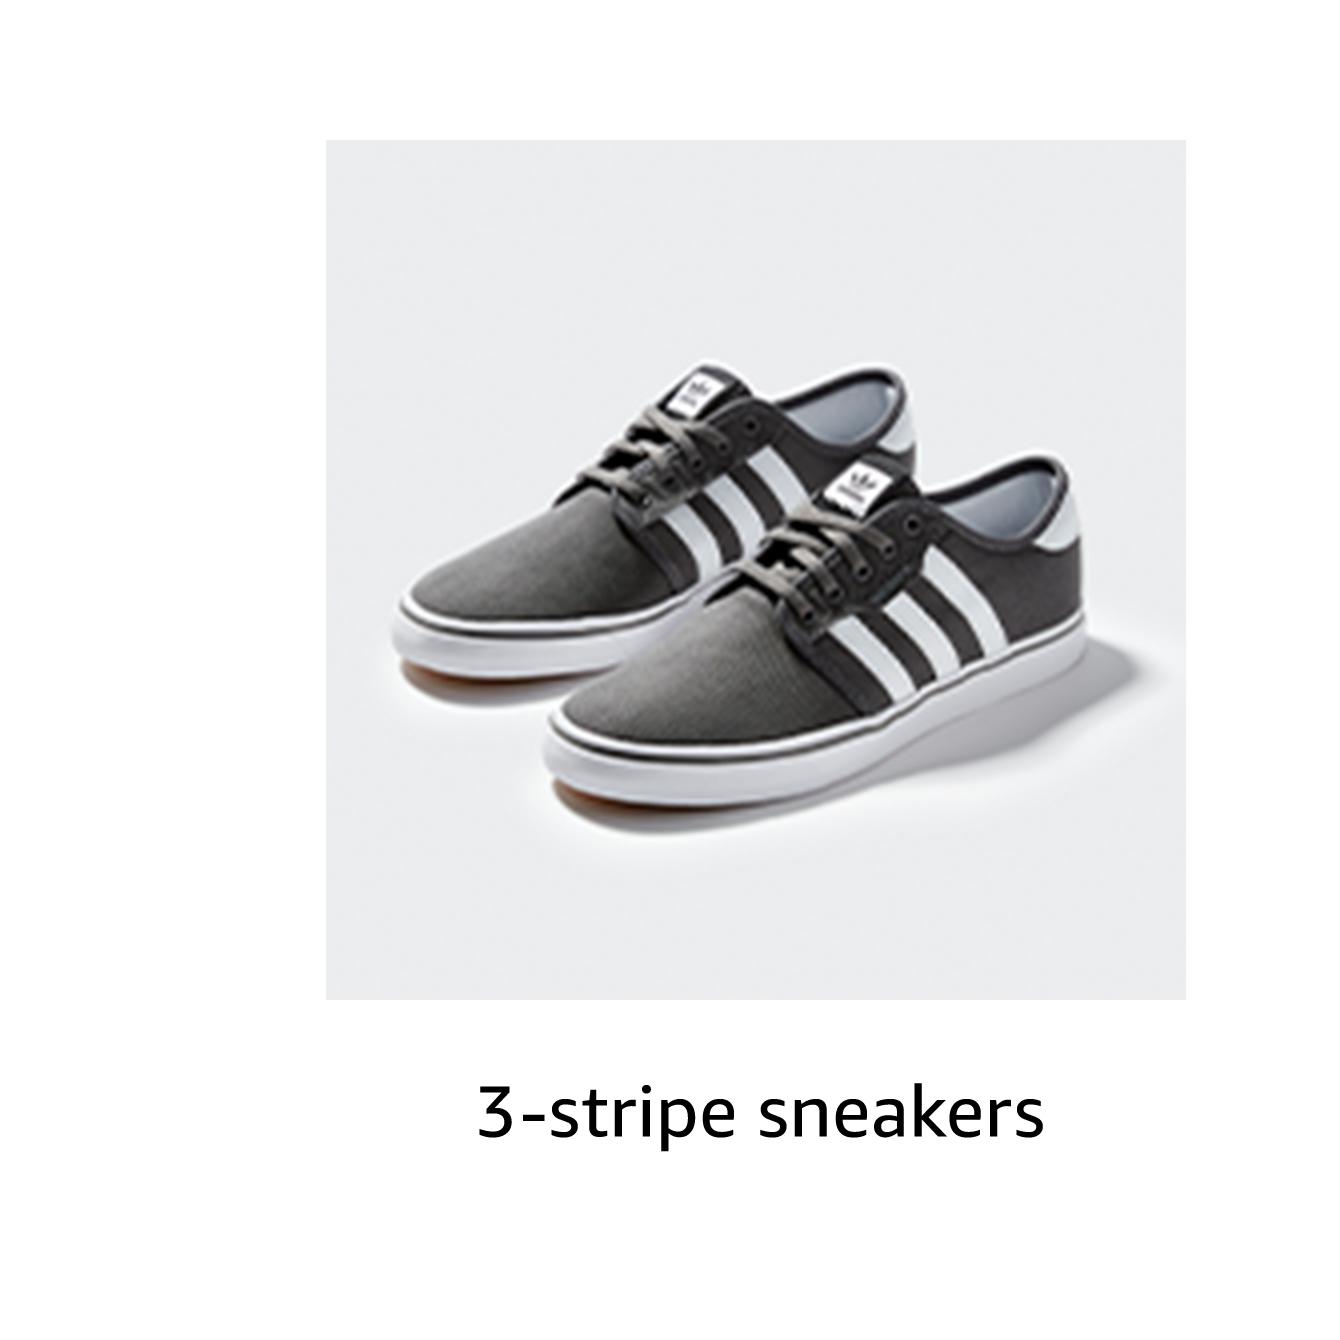 3-stripe sneakers